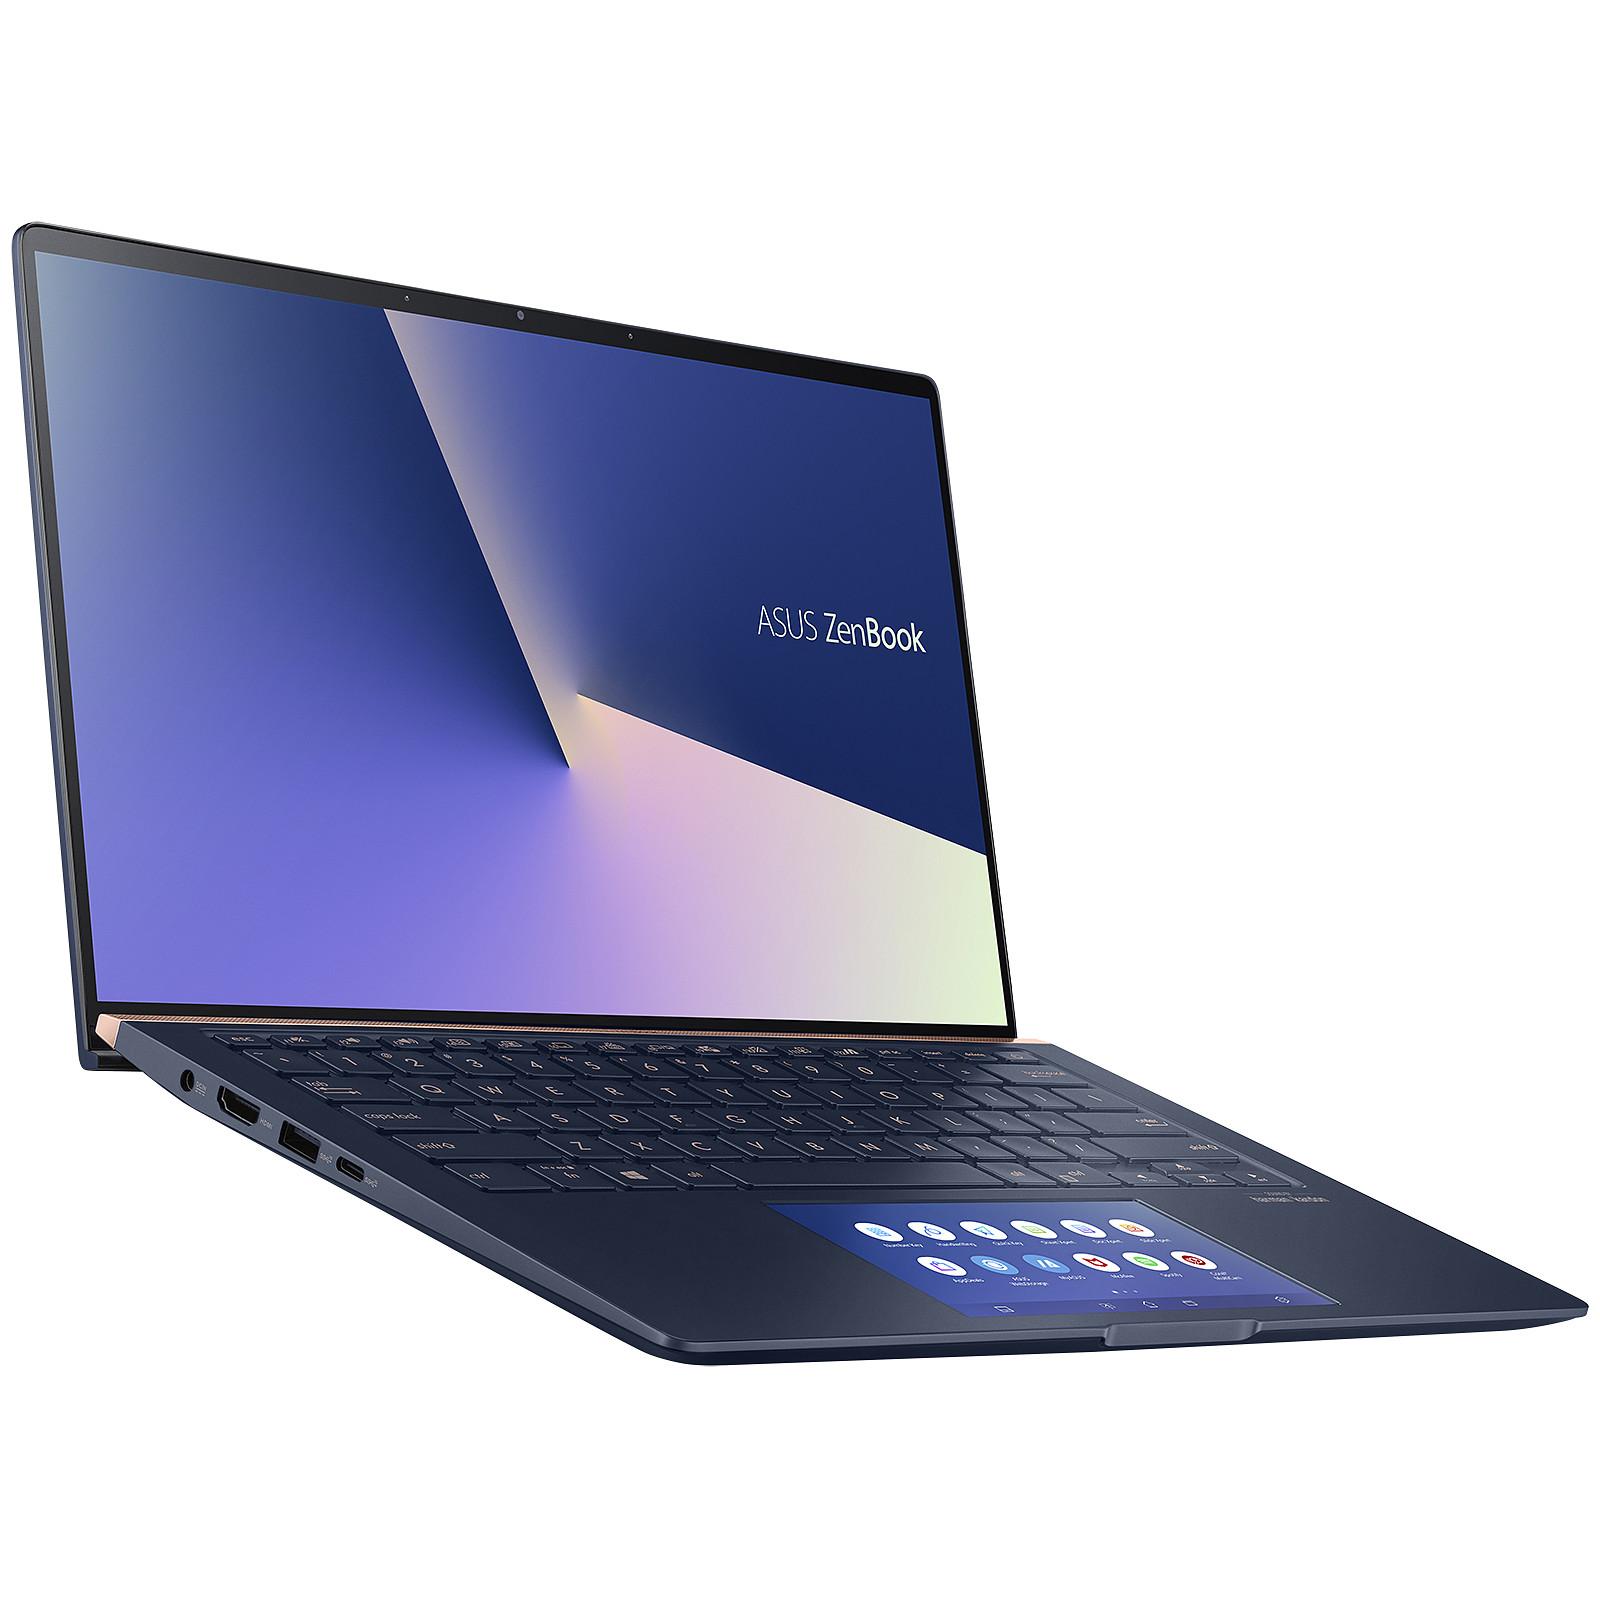 ASUS Zenbook 14 UX434FL-A6013T avec ScreenPad 2.0